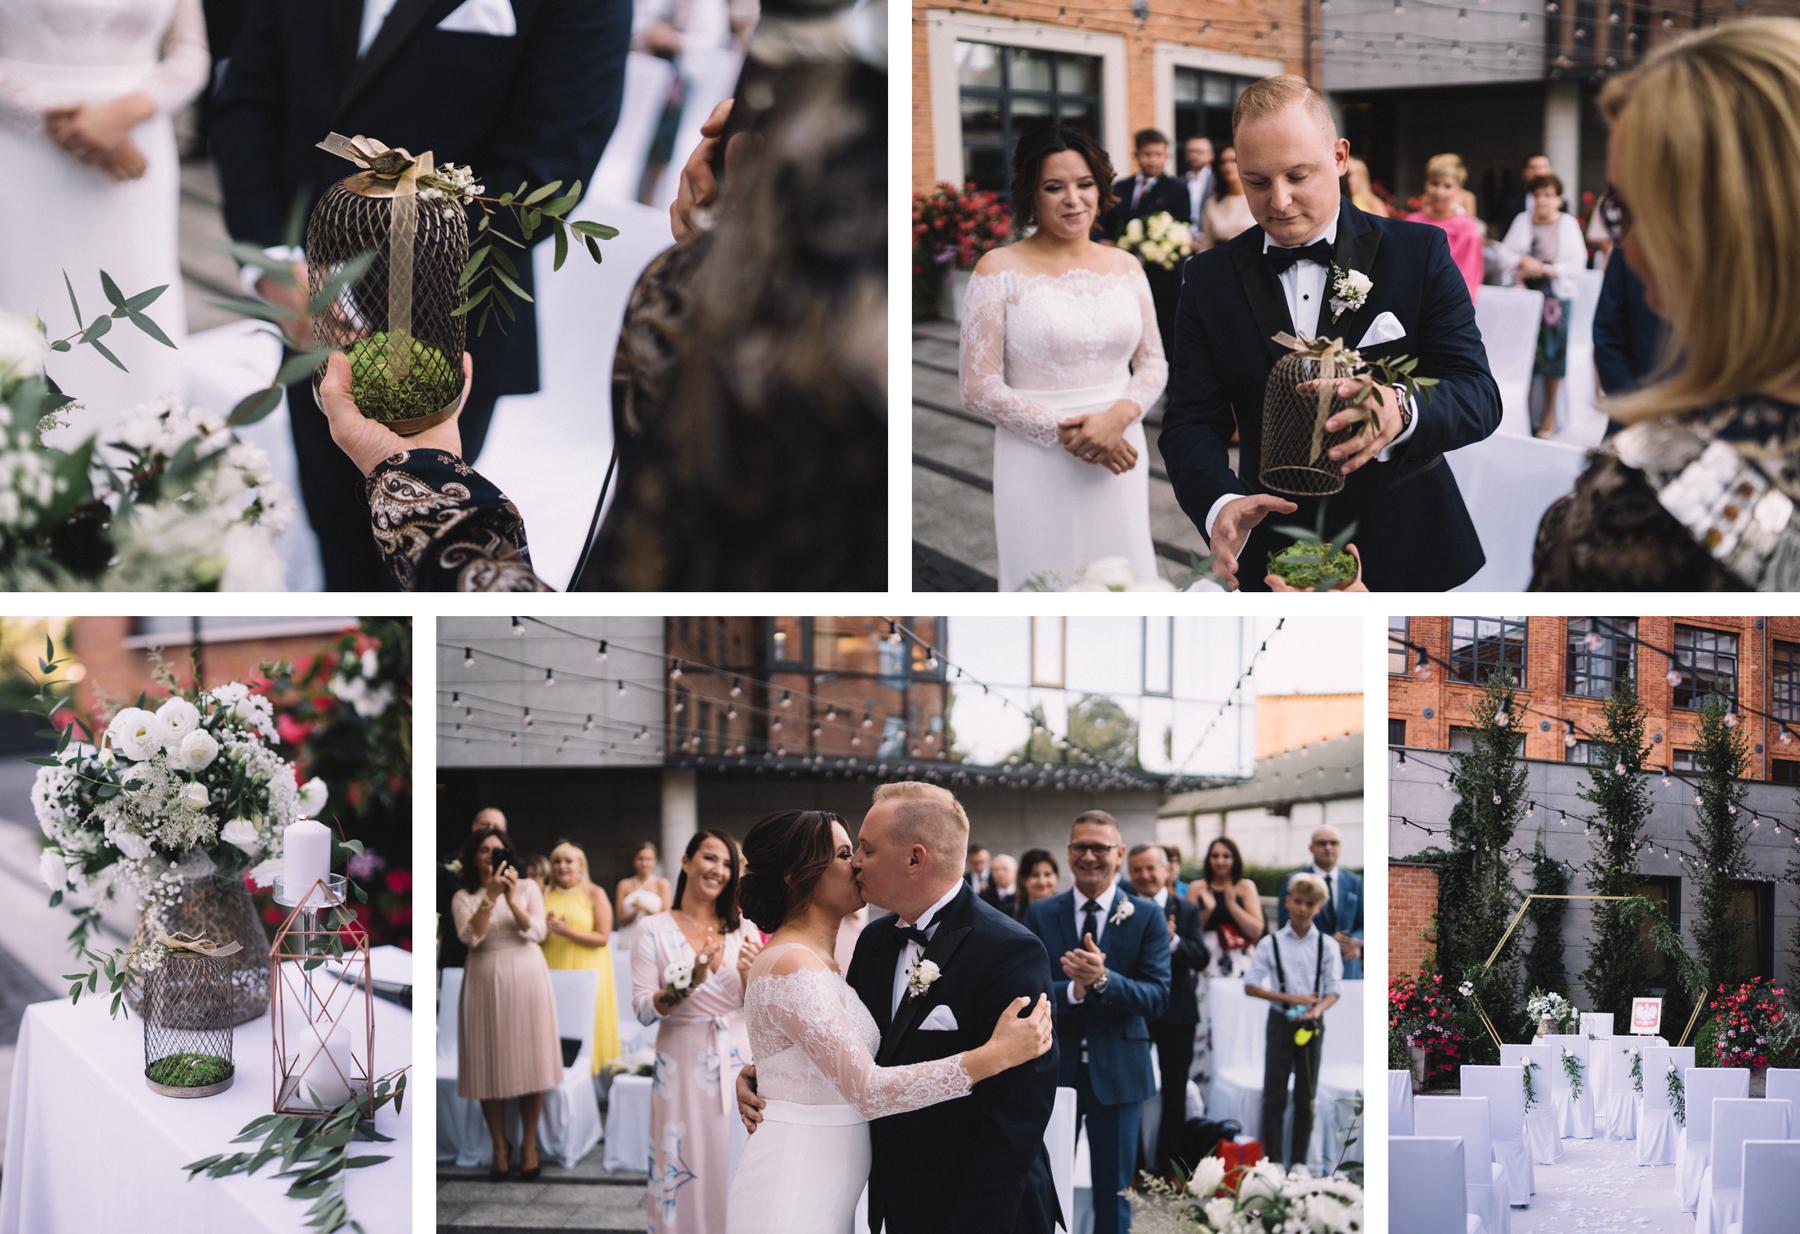 ślub przysięga ślubowanie para młoda pan młody panna młoda plenerowy fotograf ślubny fotograf na ślub łódź warszawa boho